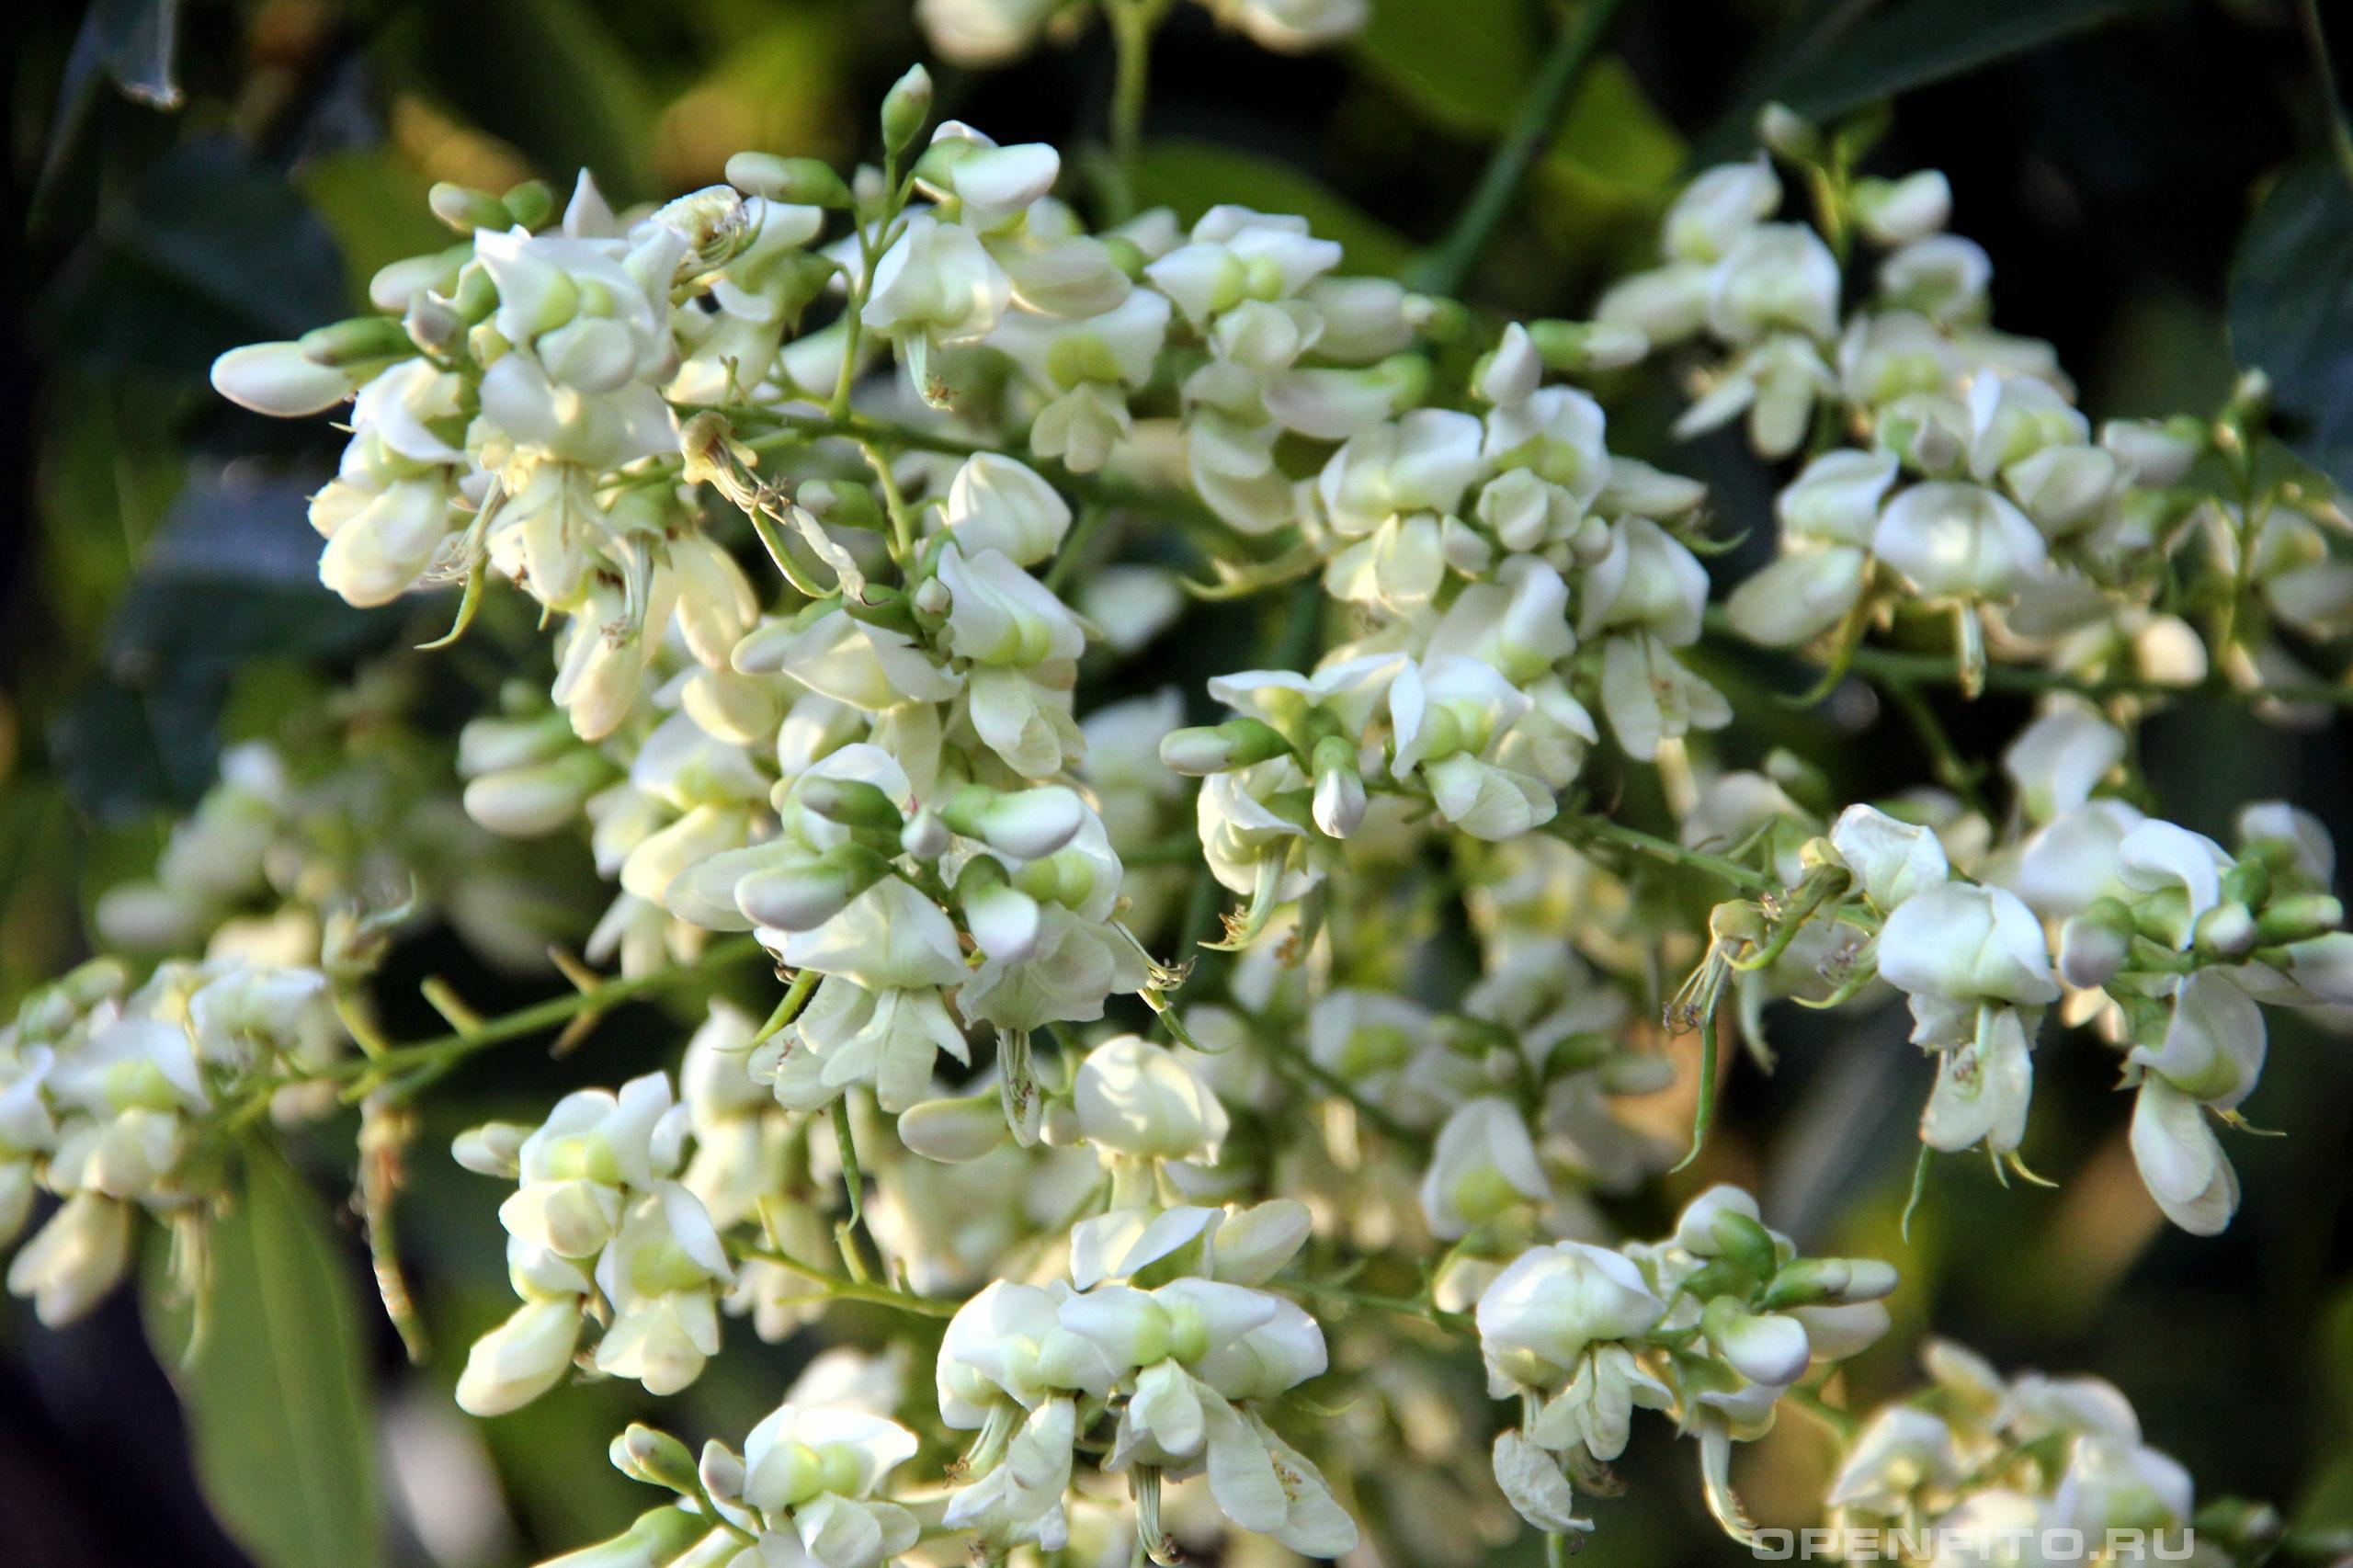 Софора японская лекарственное дерево